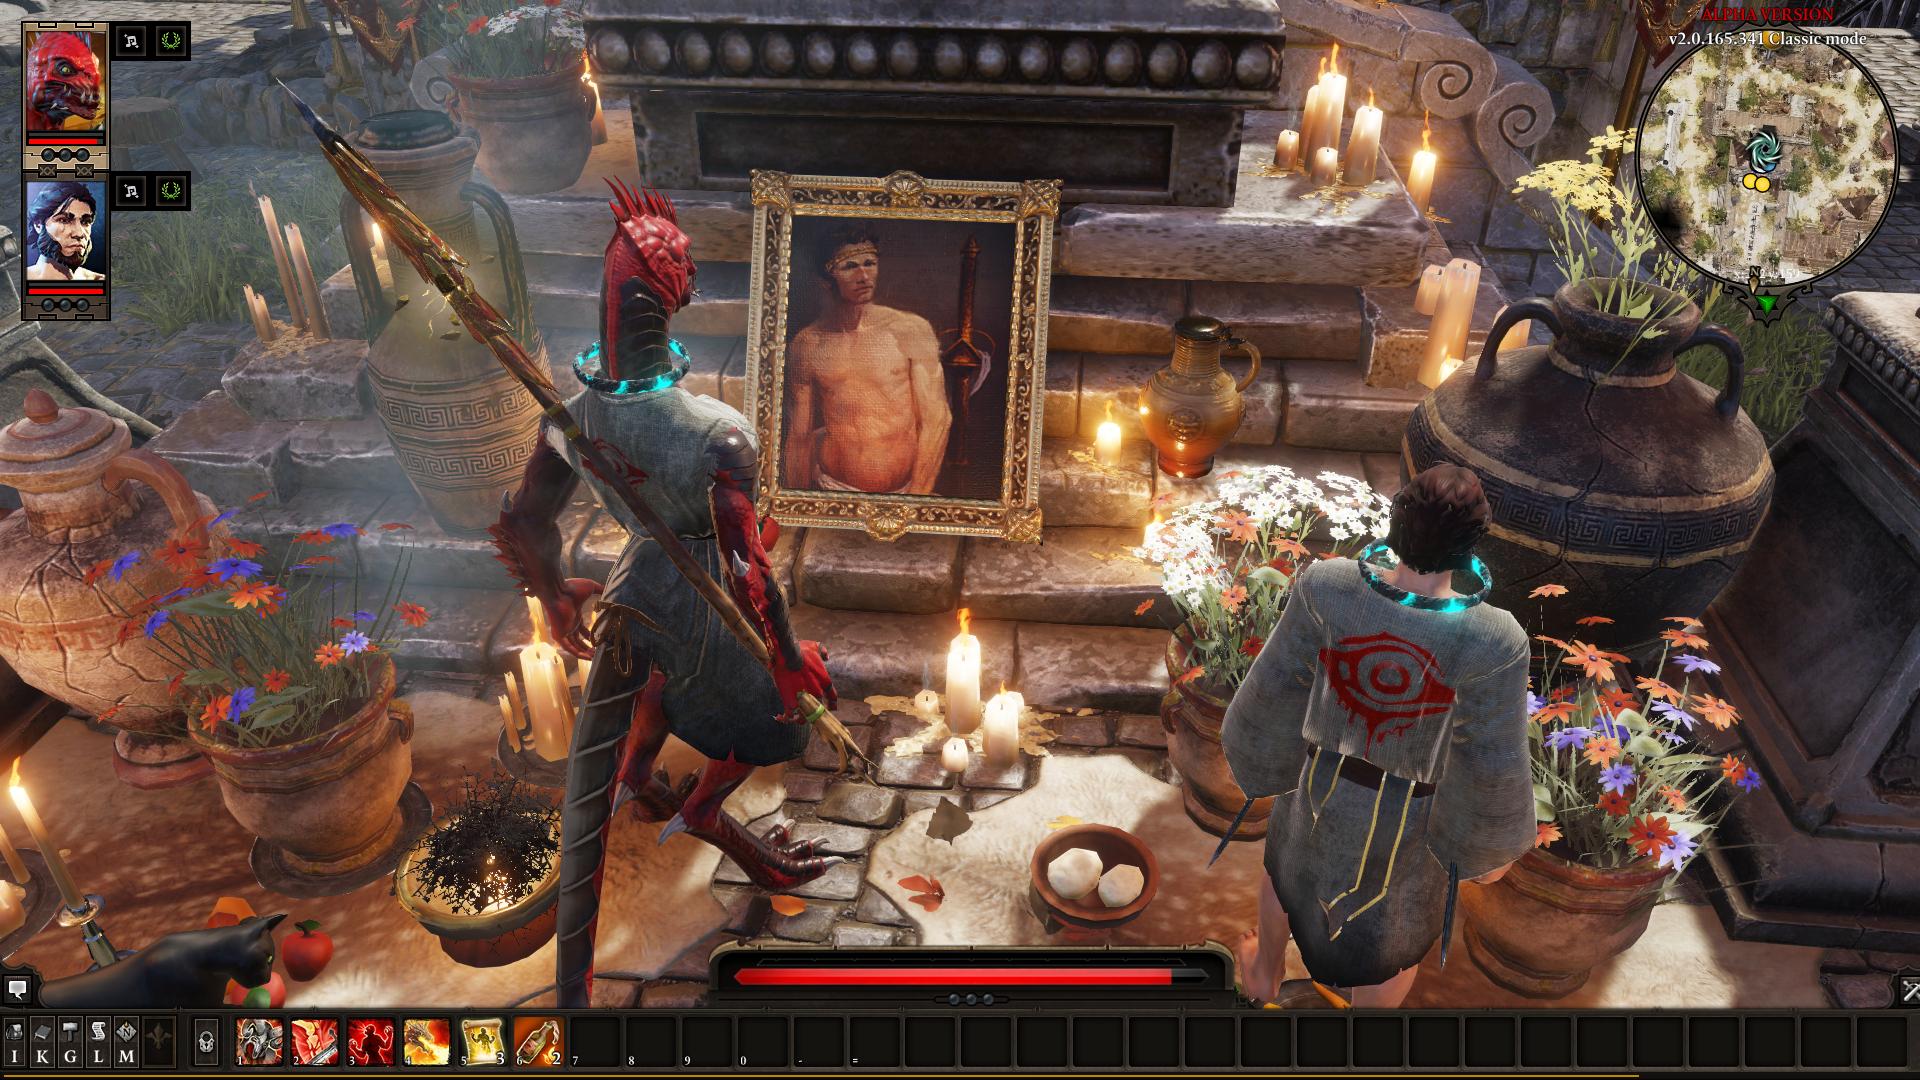 对中国玩家而言,《神界:原罪2》也许过于硬核了